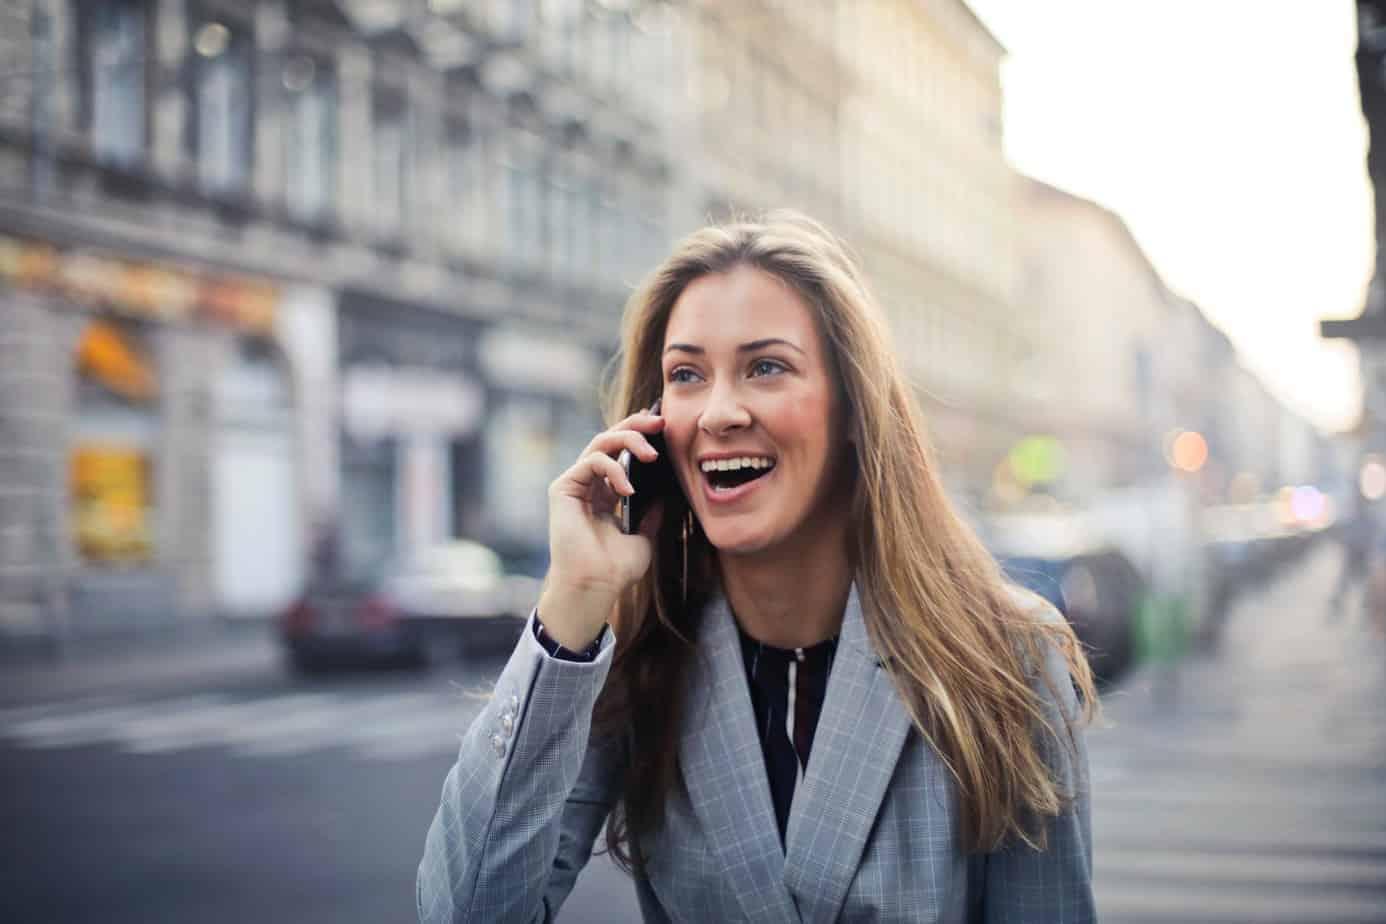 Pleasantly surprised blonde woman on phone